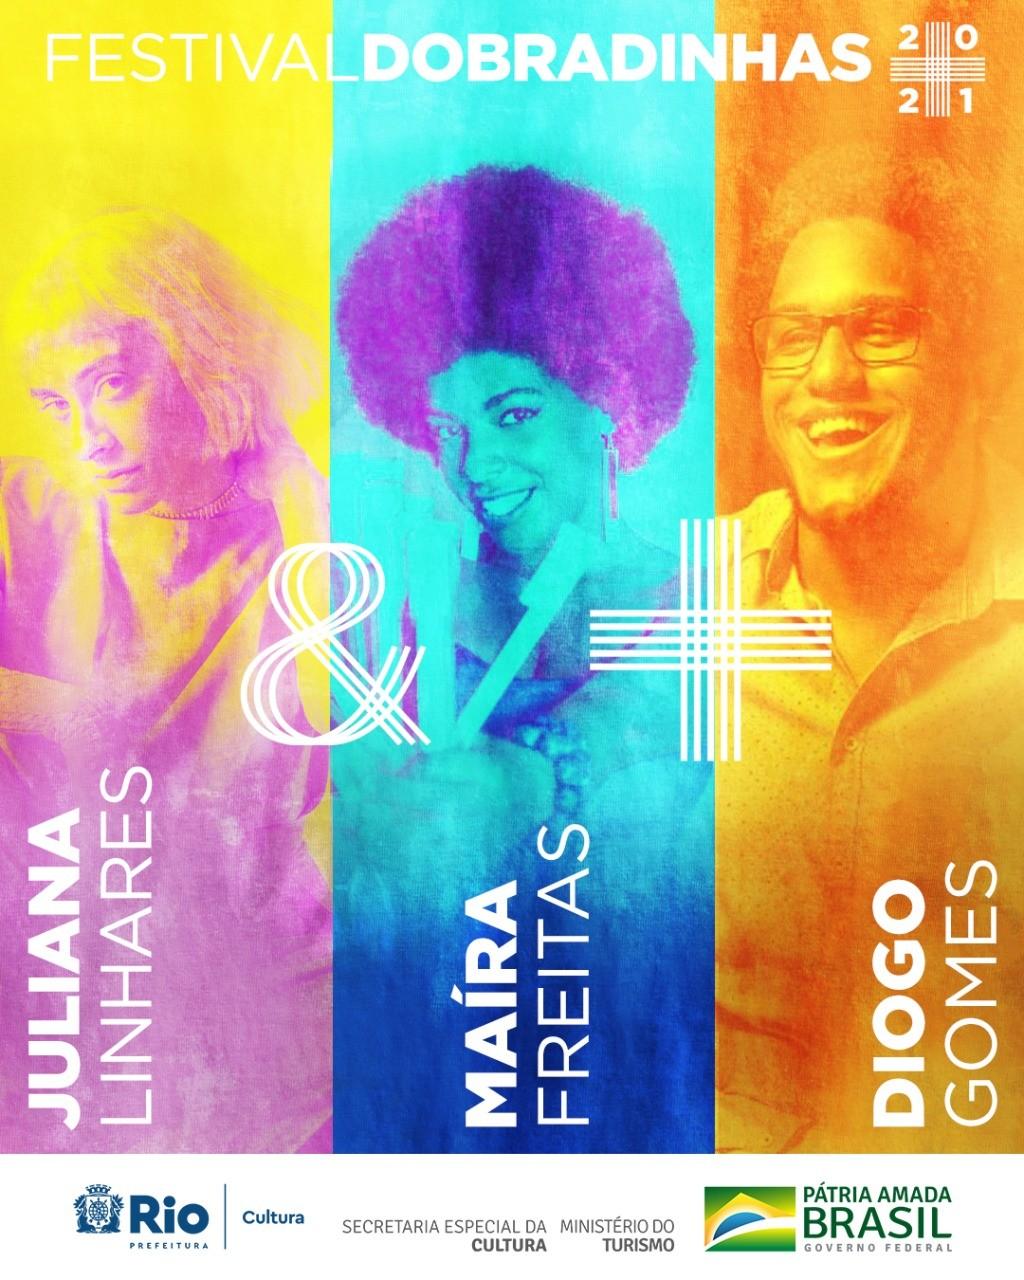 Dobradinhas: Juliana Linhares e Maíra Freitas + Diogo Gomes